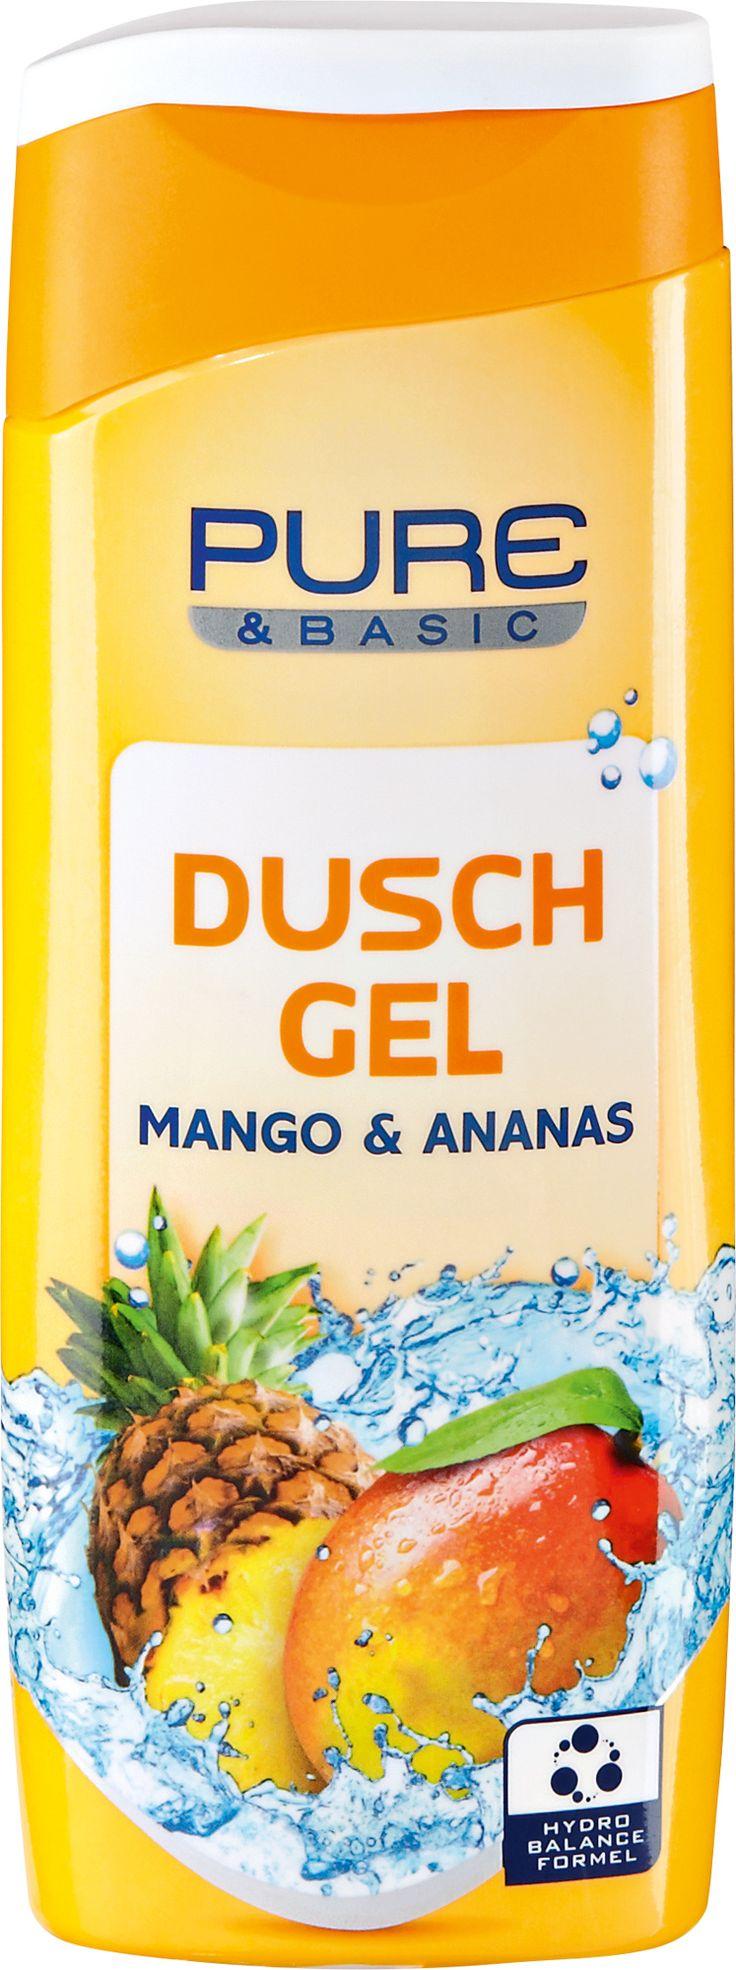 Mango Basics